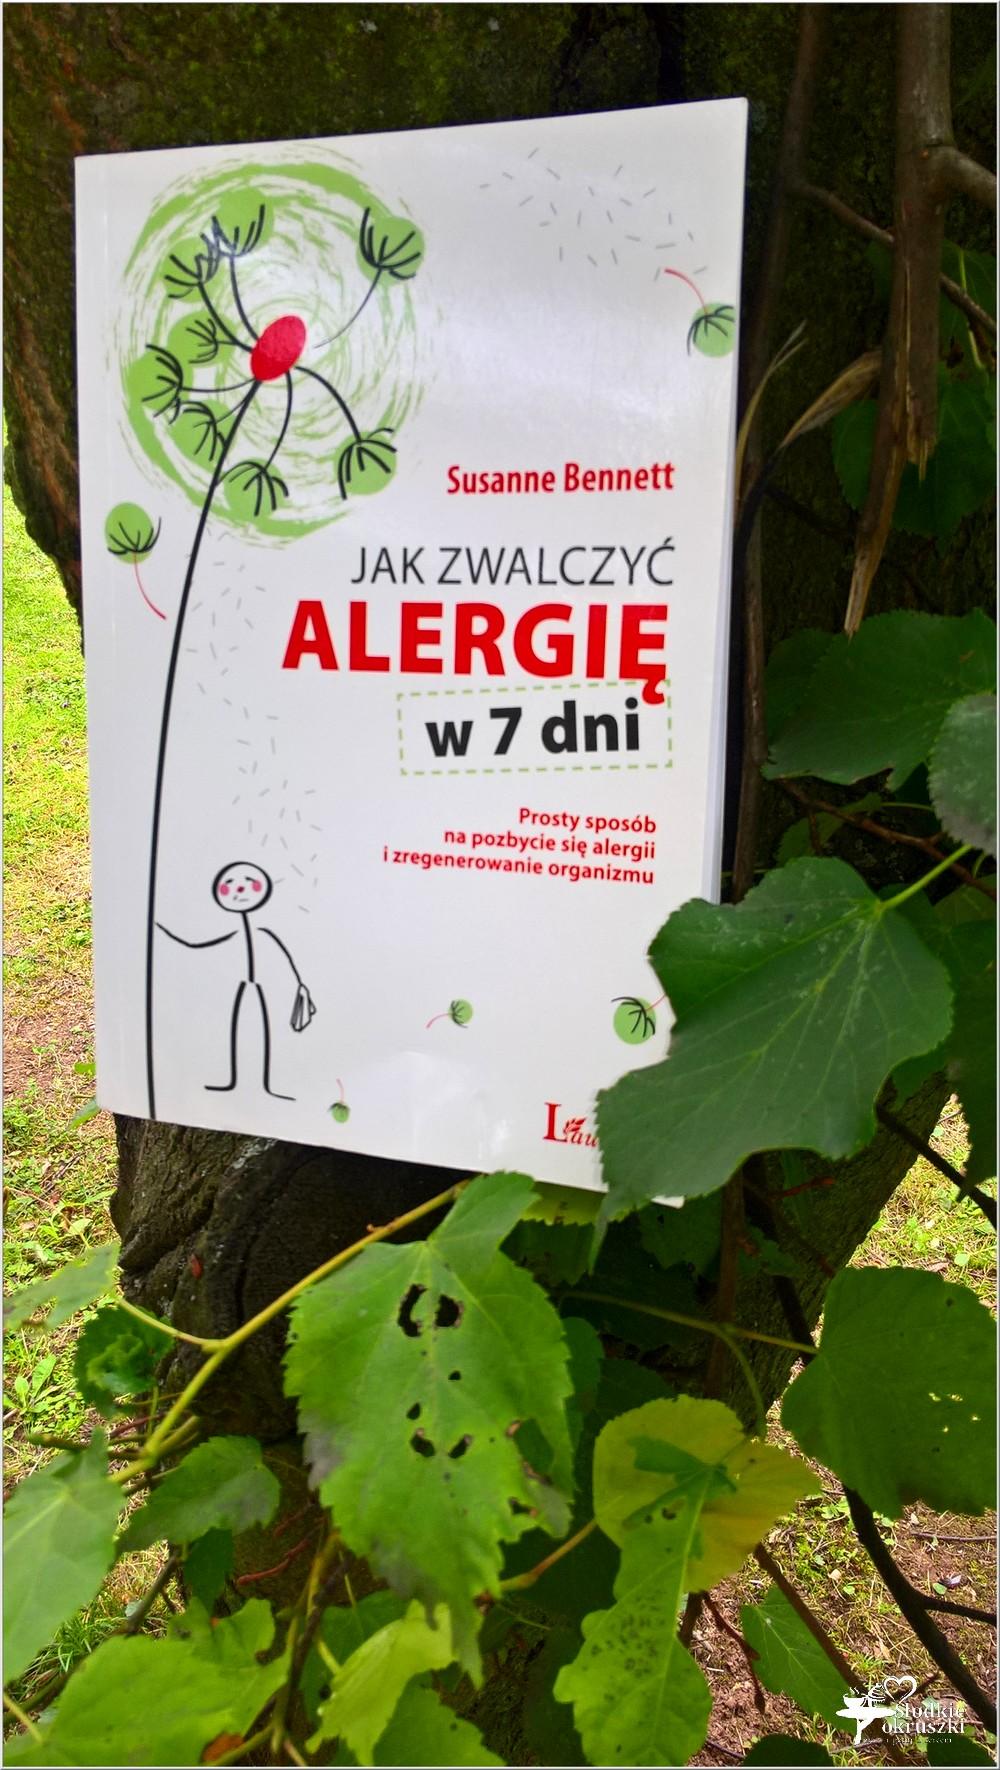 Jak zwalczyć alergię w 7 dni. Recenzja (1)